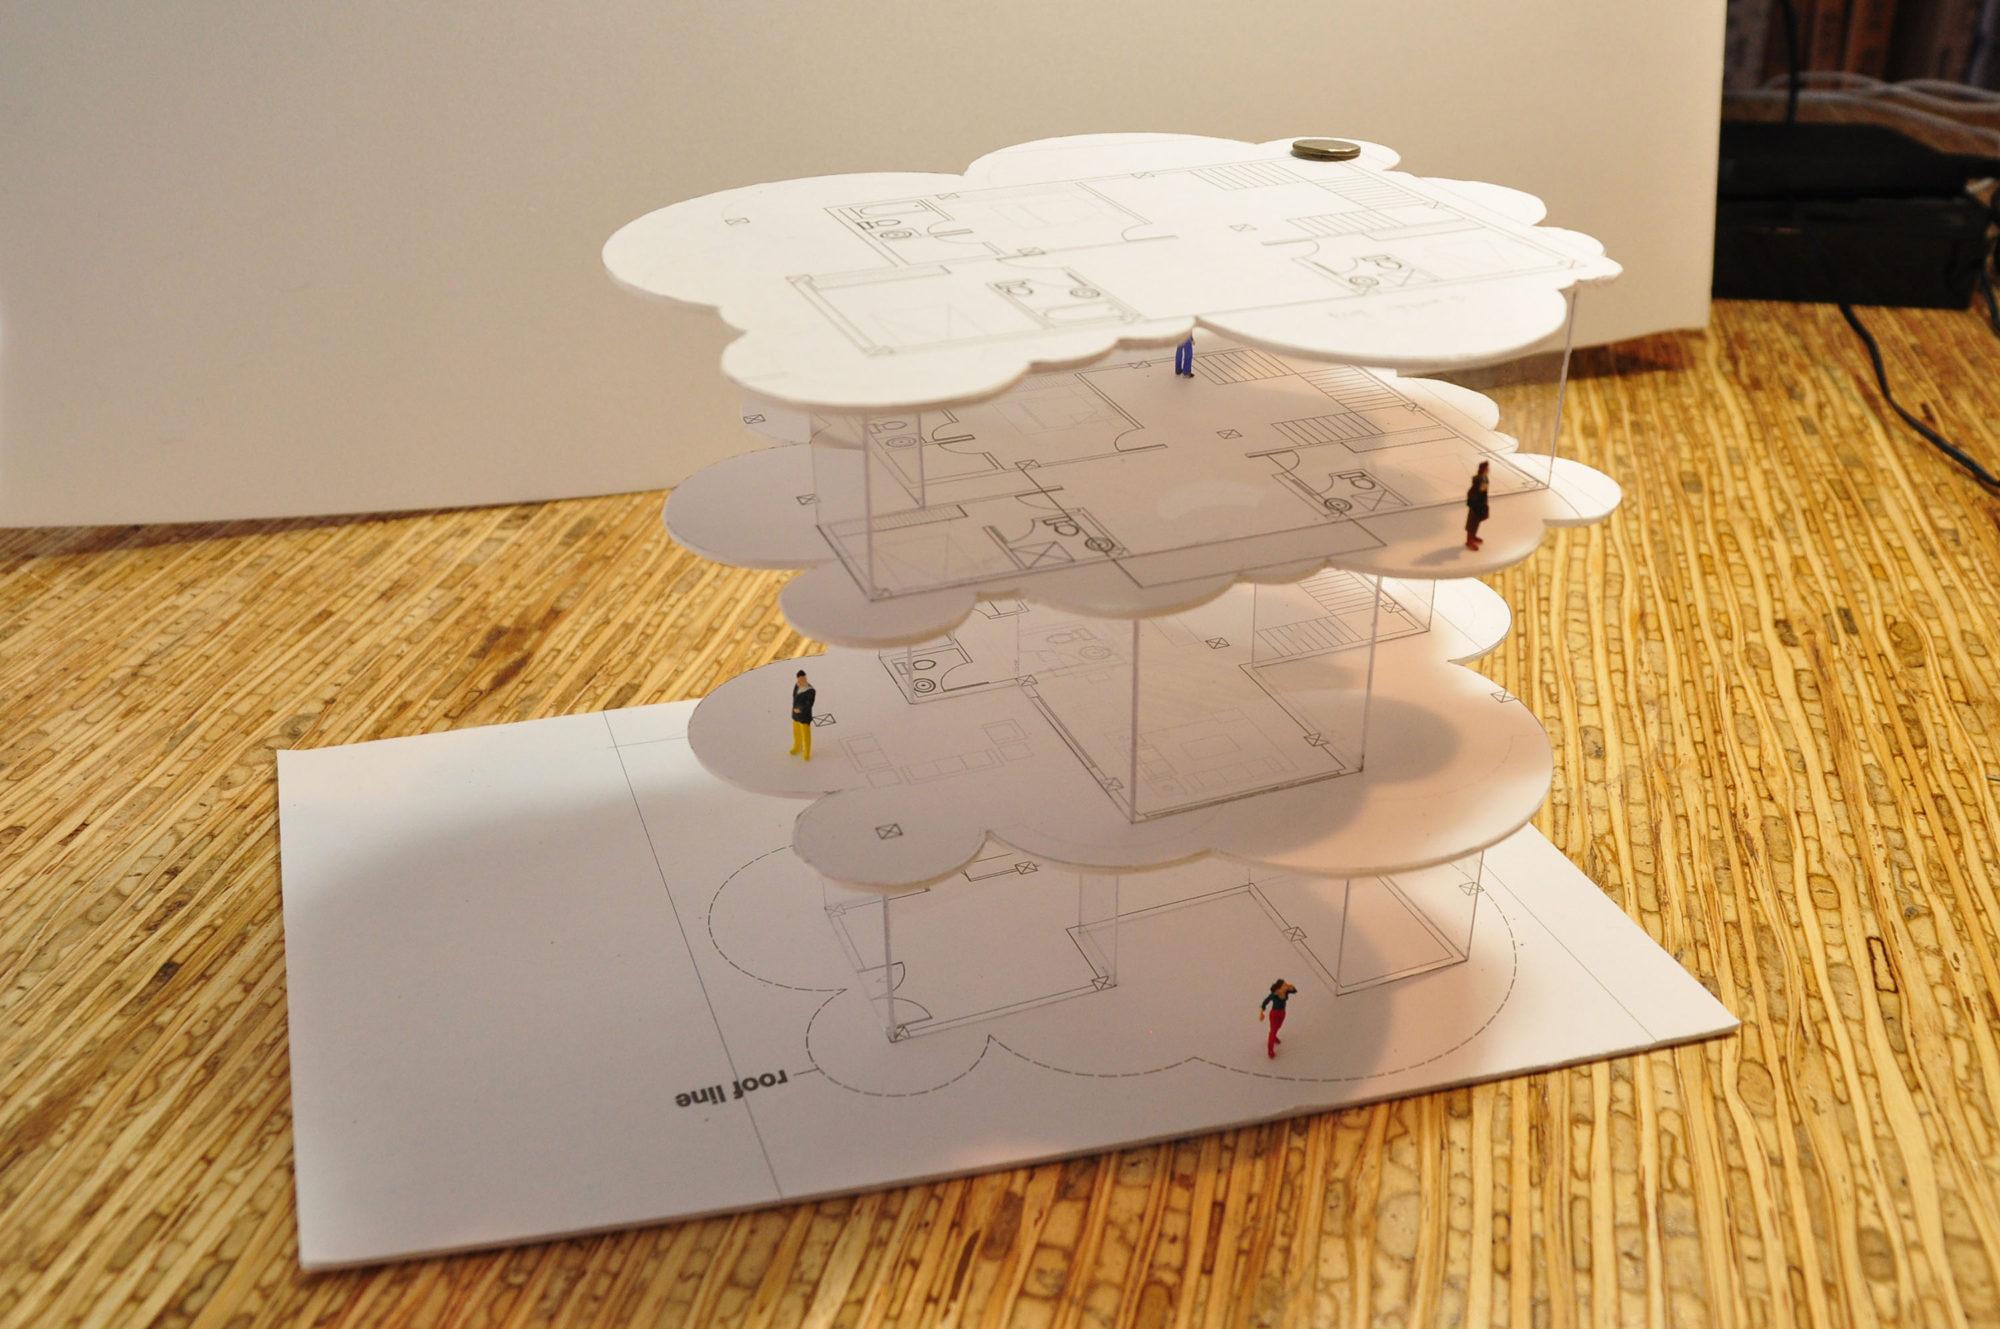 Thai Residence uttaradit cloud house study model